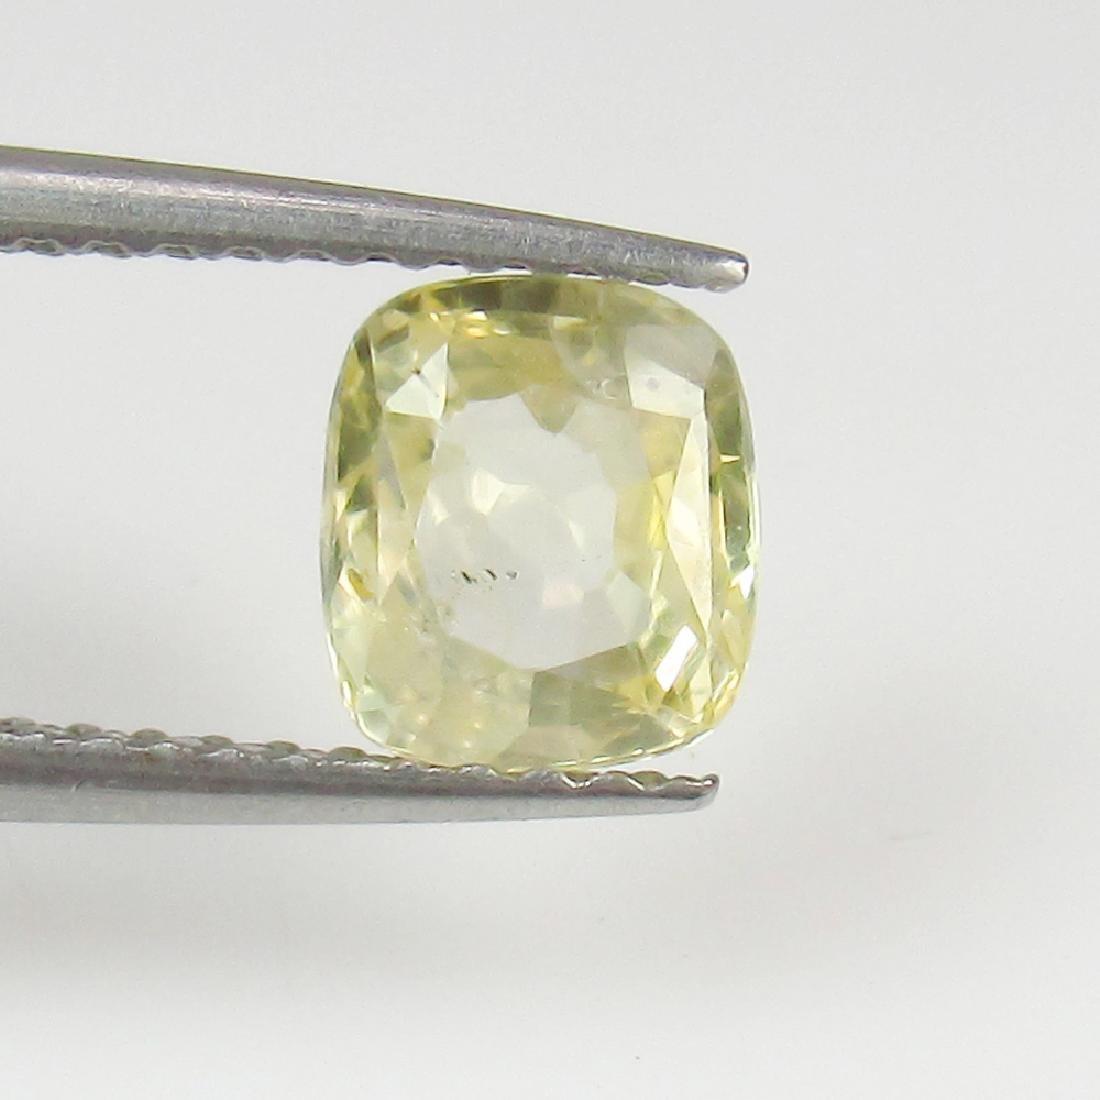 1.22 Ct Genuine Ceylon Unheated Yellow Sapphire Top